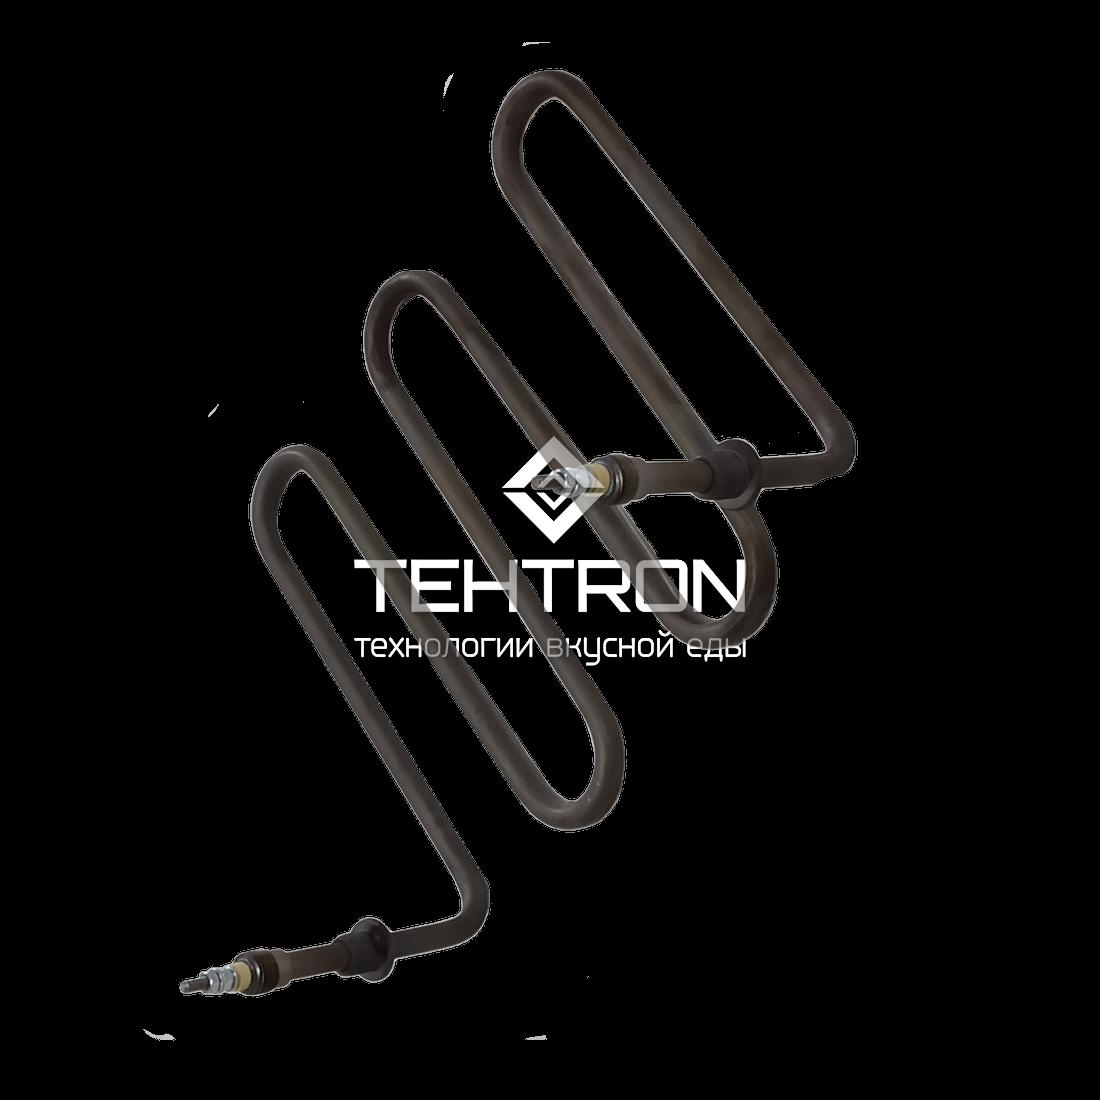 Запасные части для термокамер Техтрон. ТЭН для термокамеры ранних выпусков.